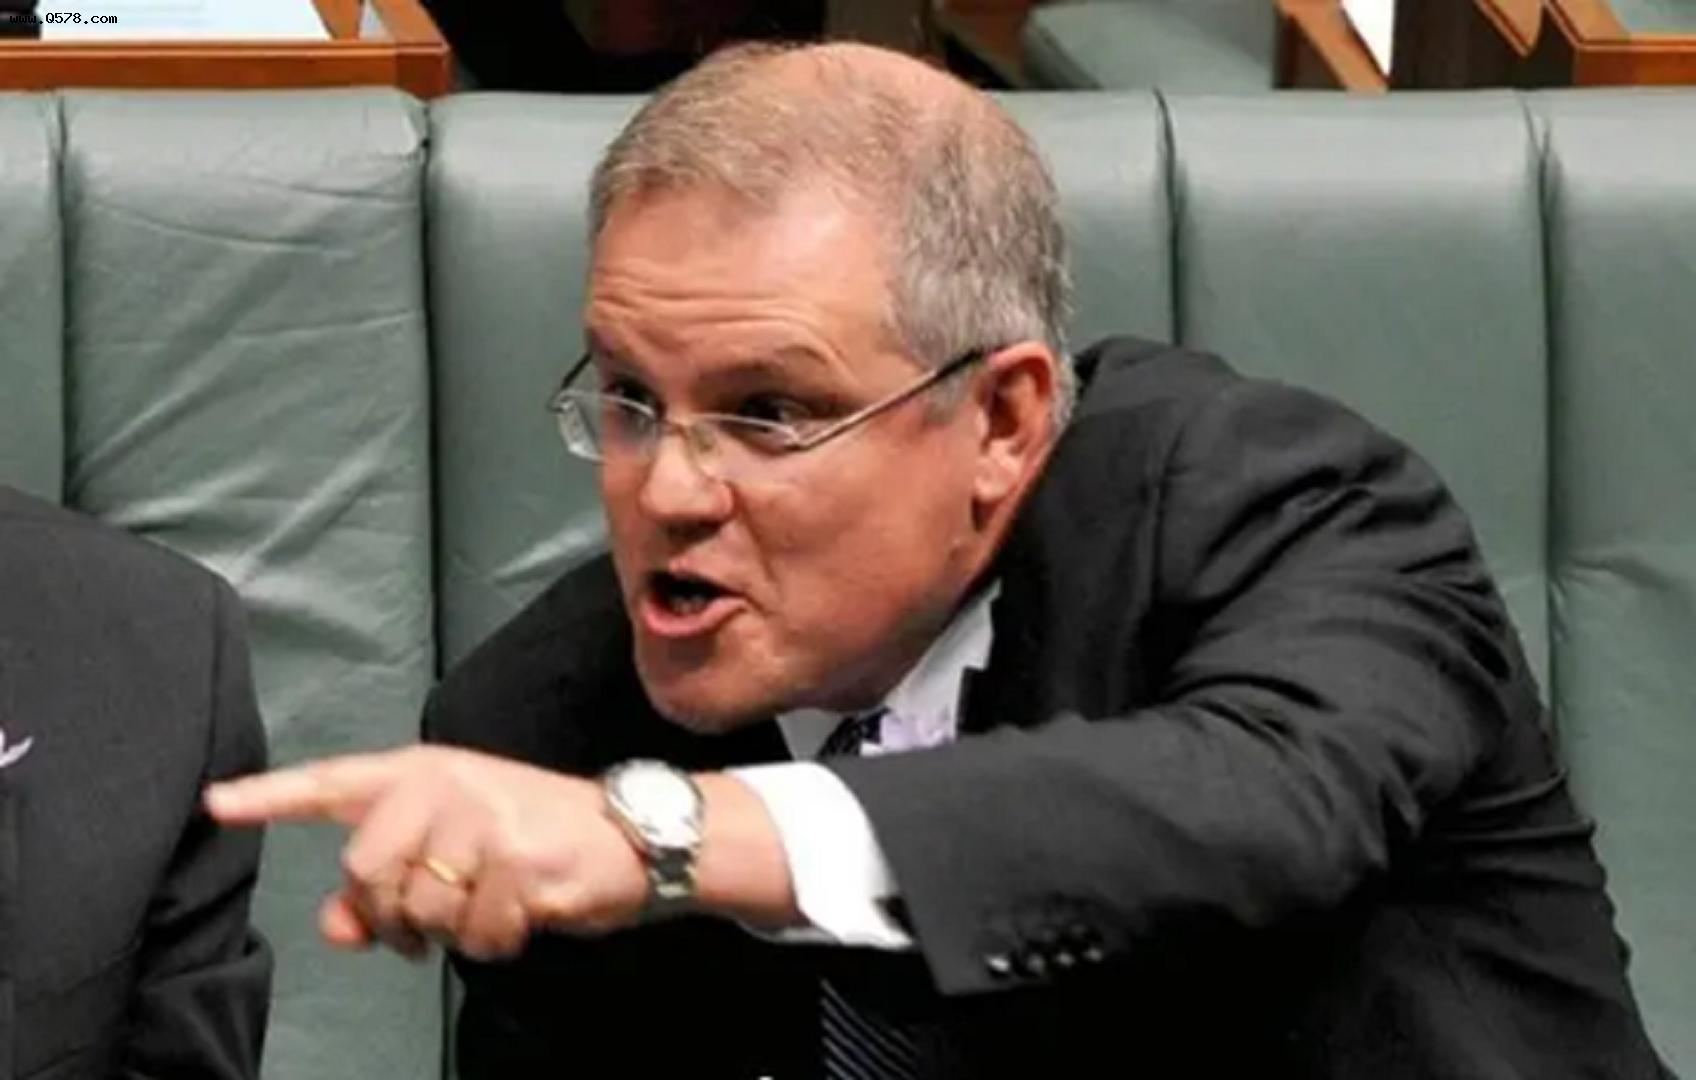 澳大利亚防长还在嘴硬,中国又将两种商品拒之门外